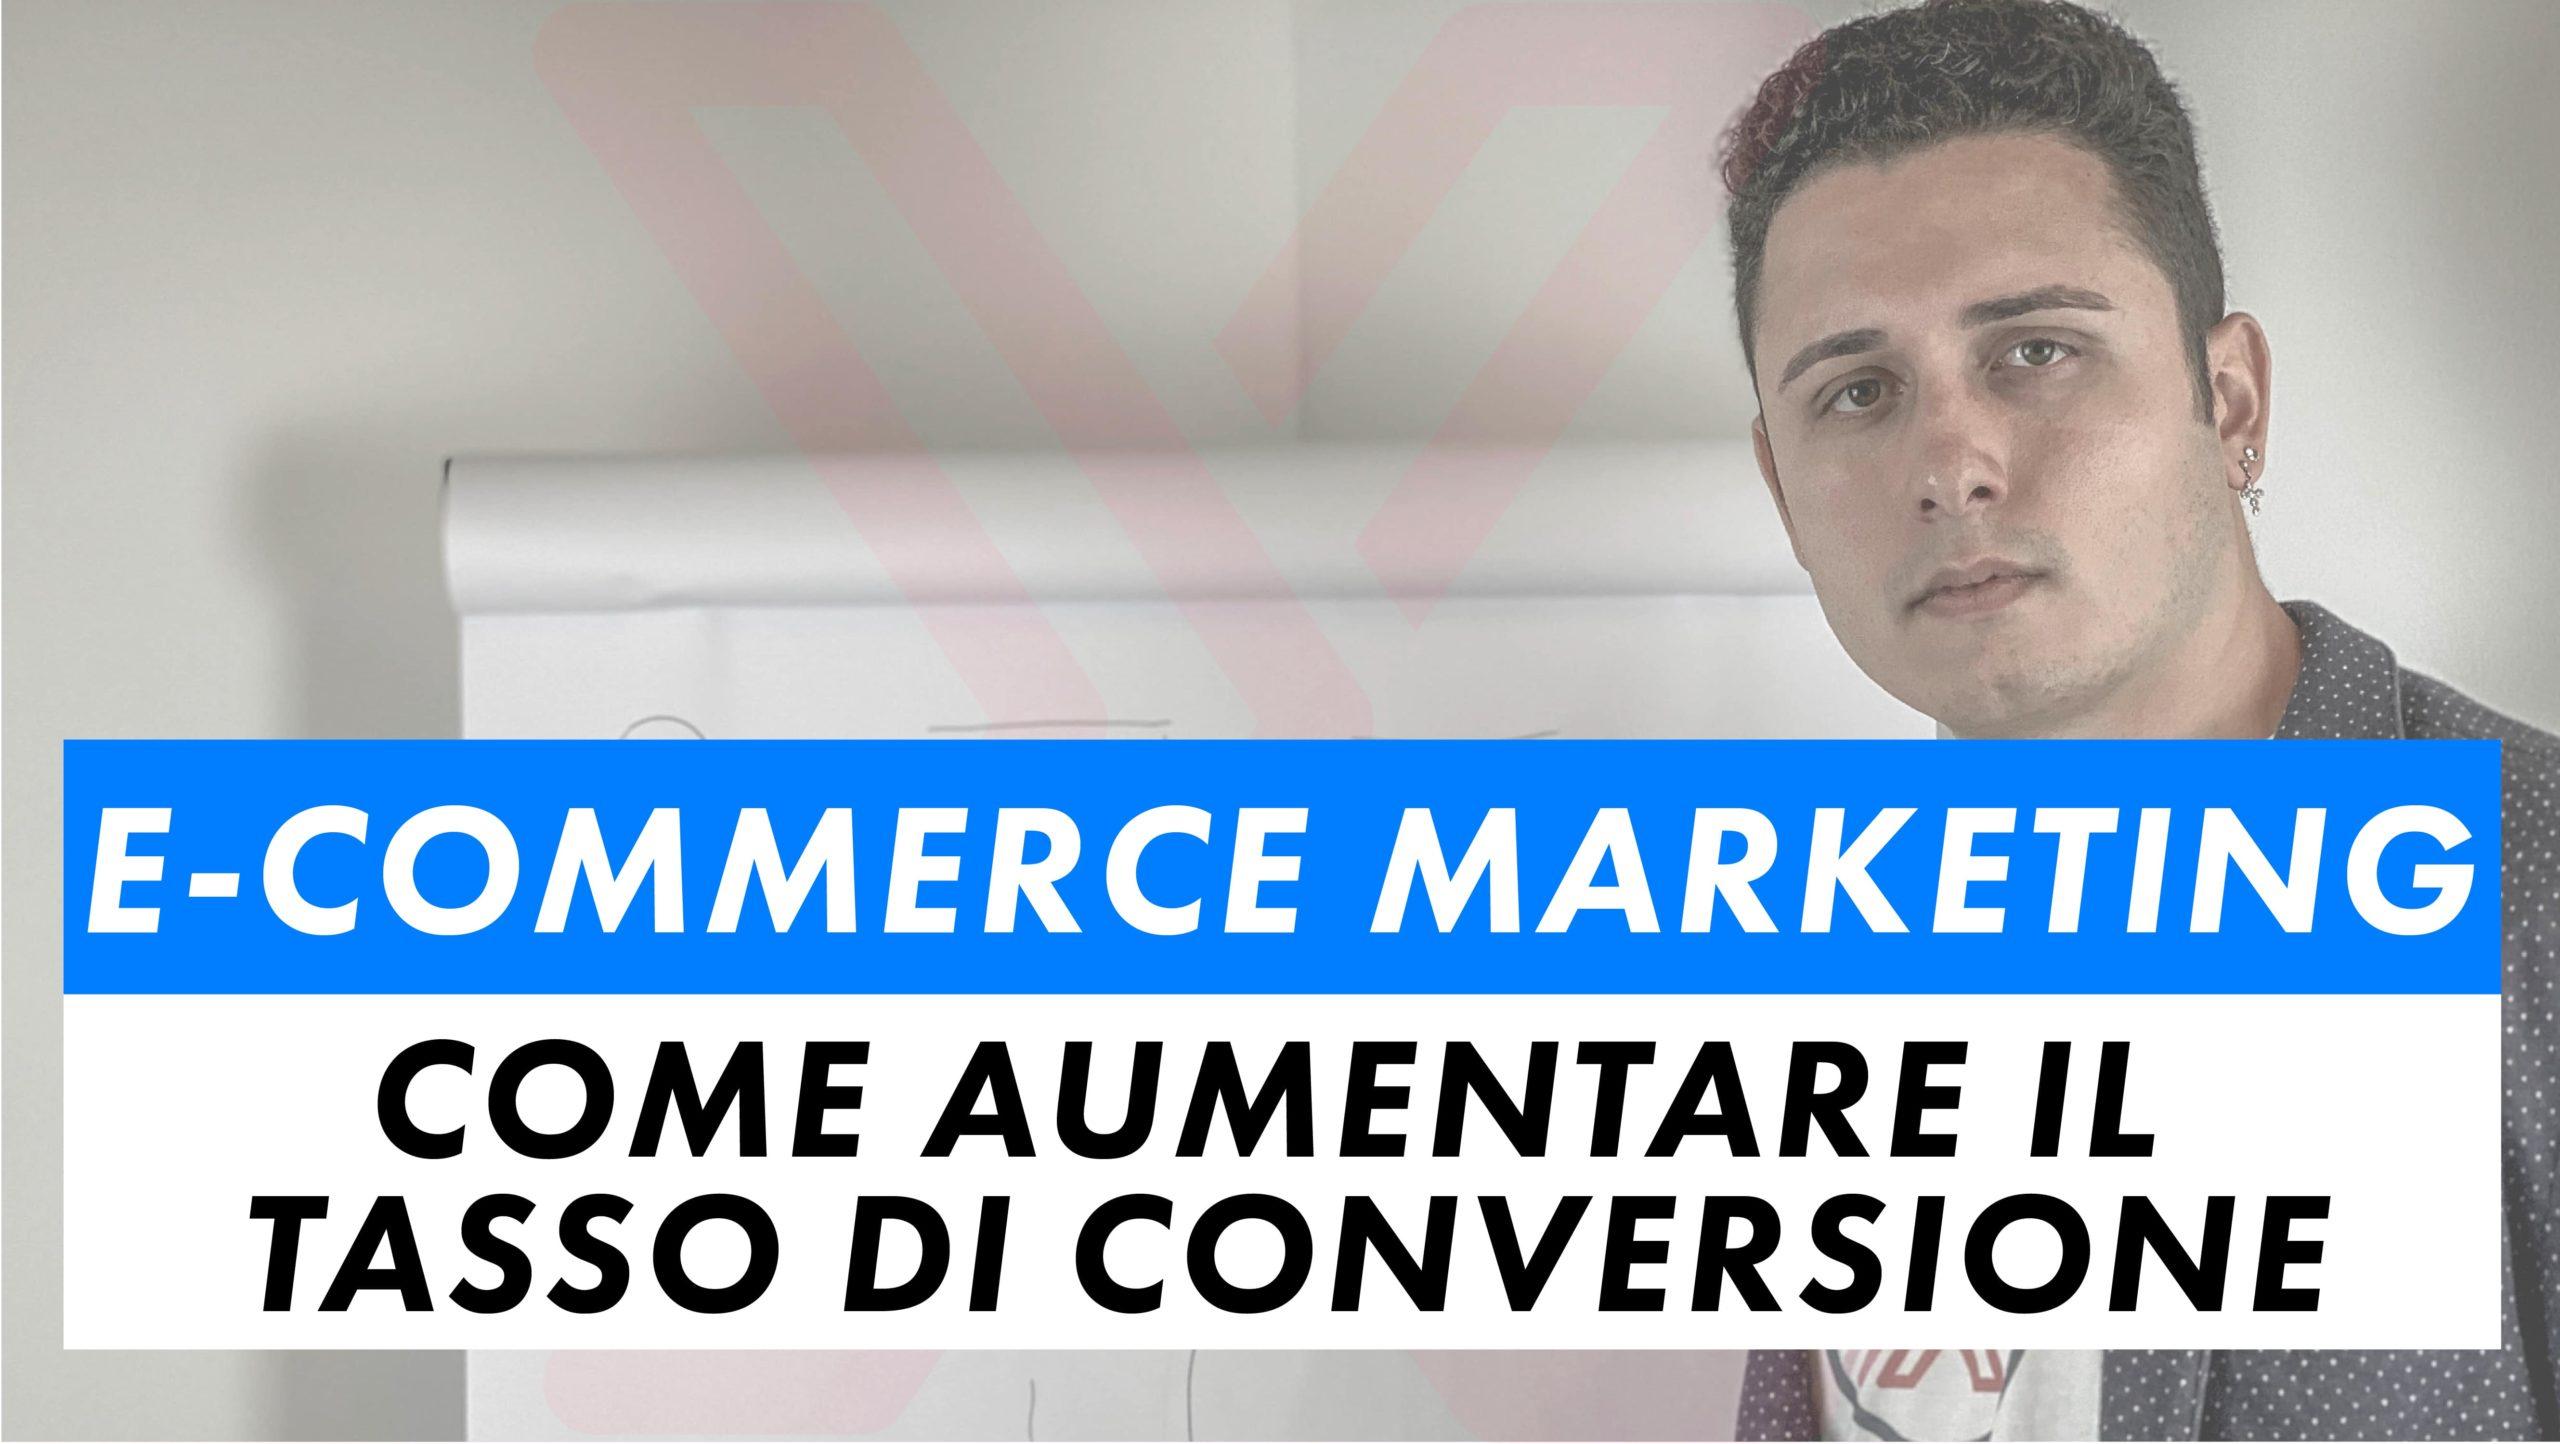 ecommerce-marketing-come-aumentare-il-tasso-di-conversione-paolo-patelli